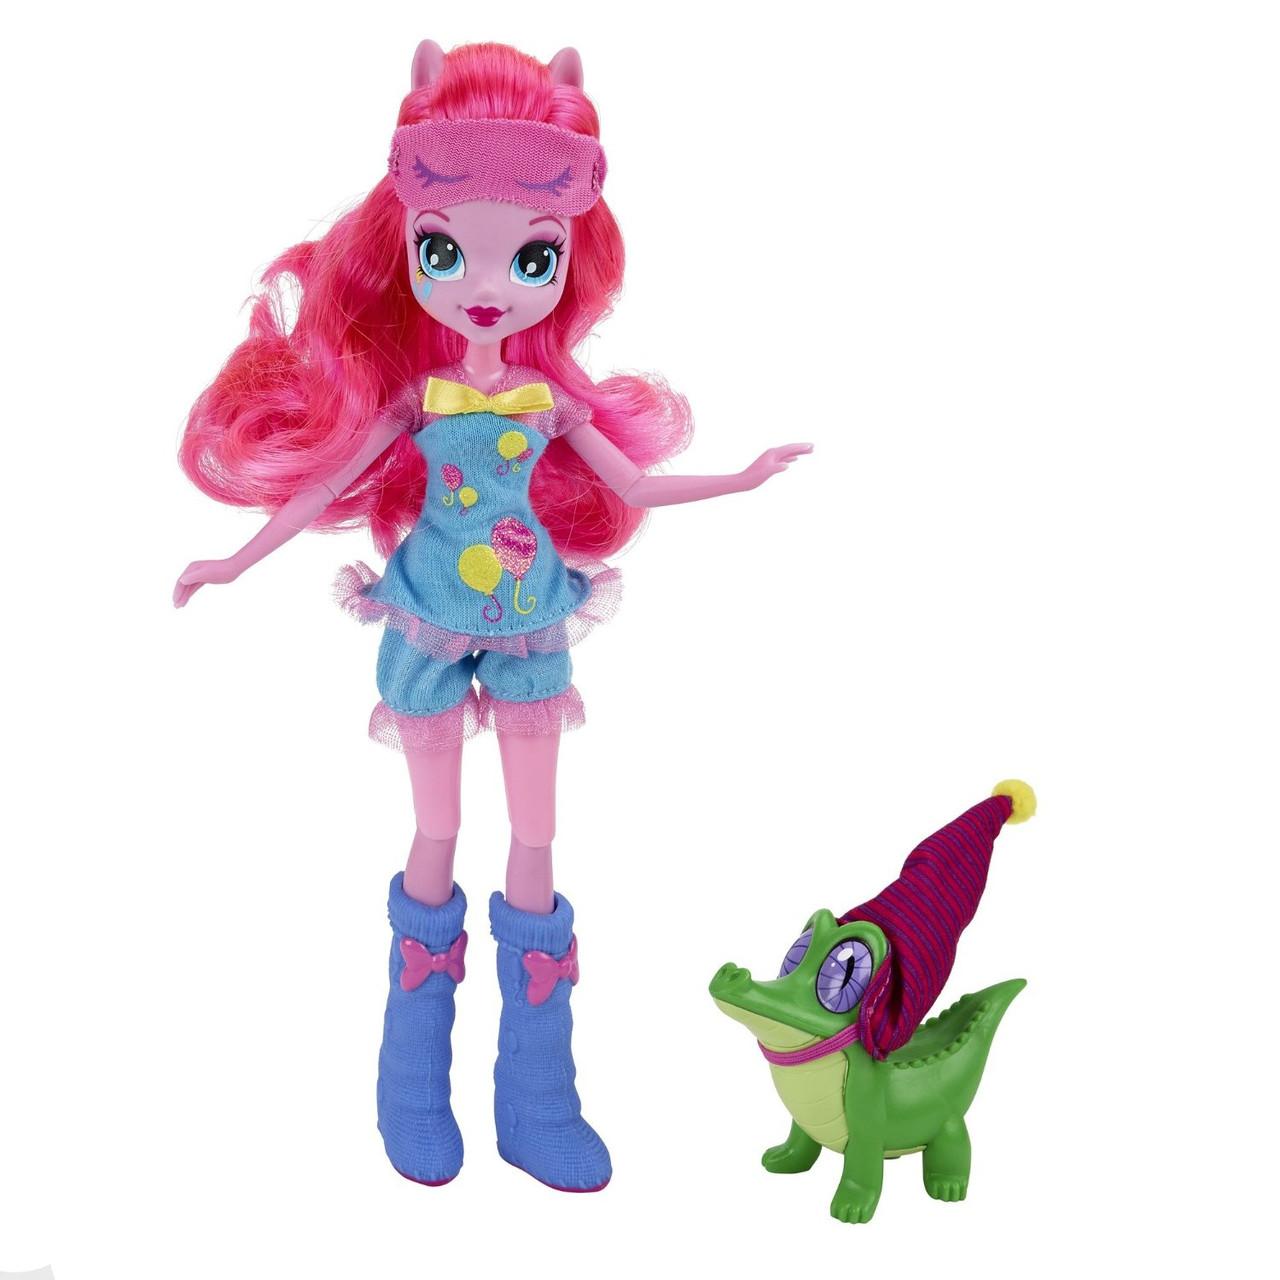 Кукла My Little Pony Пинки Пай (Pinkie Pie) с питомцем